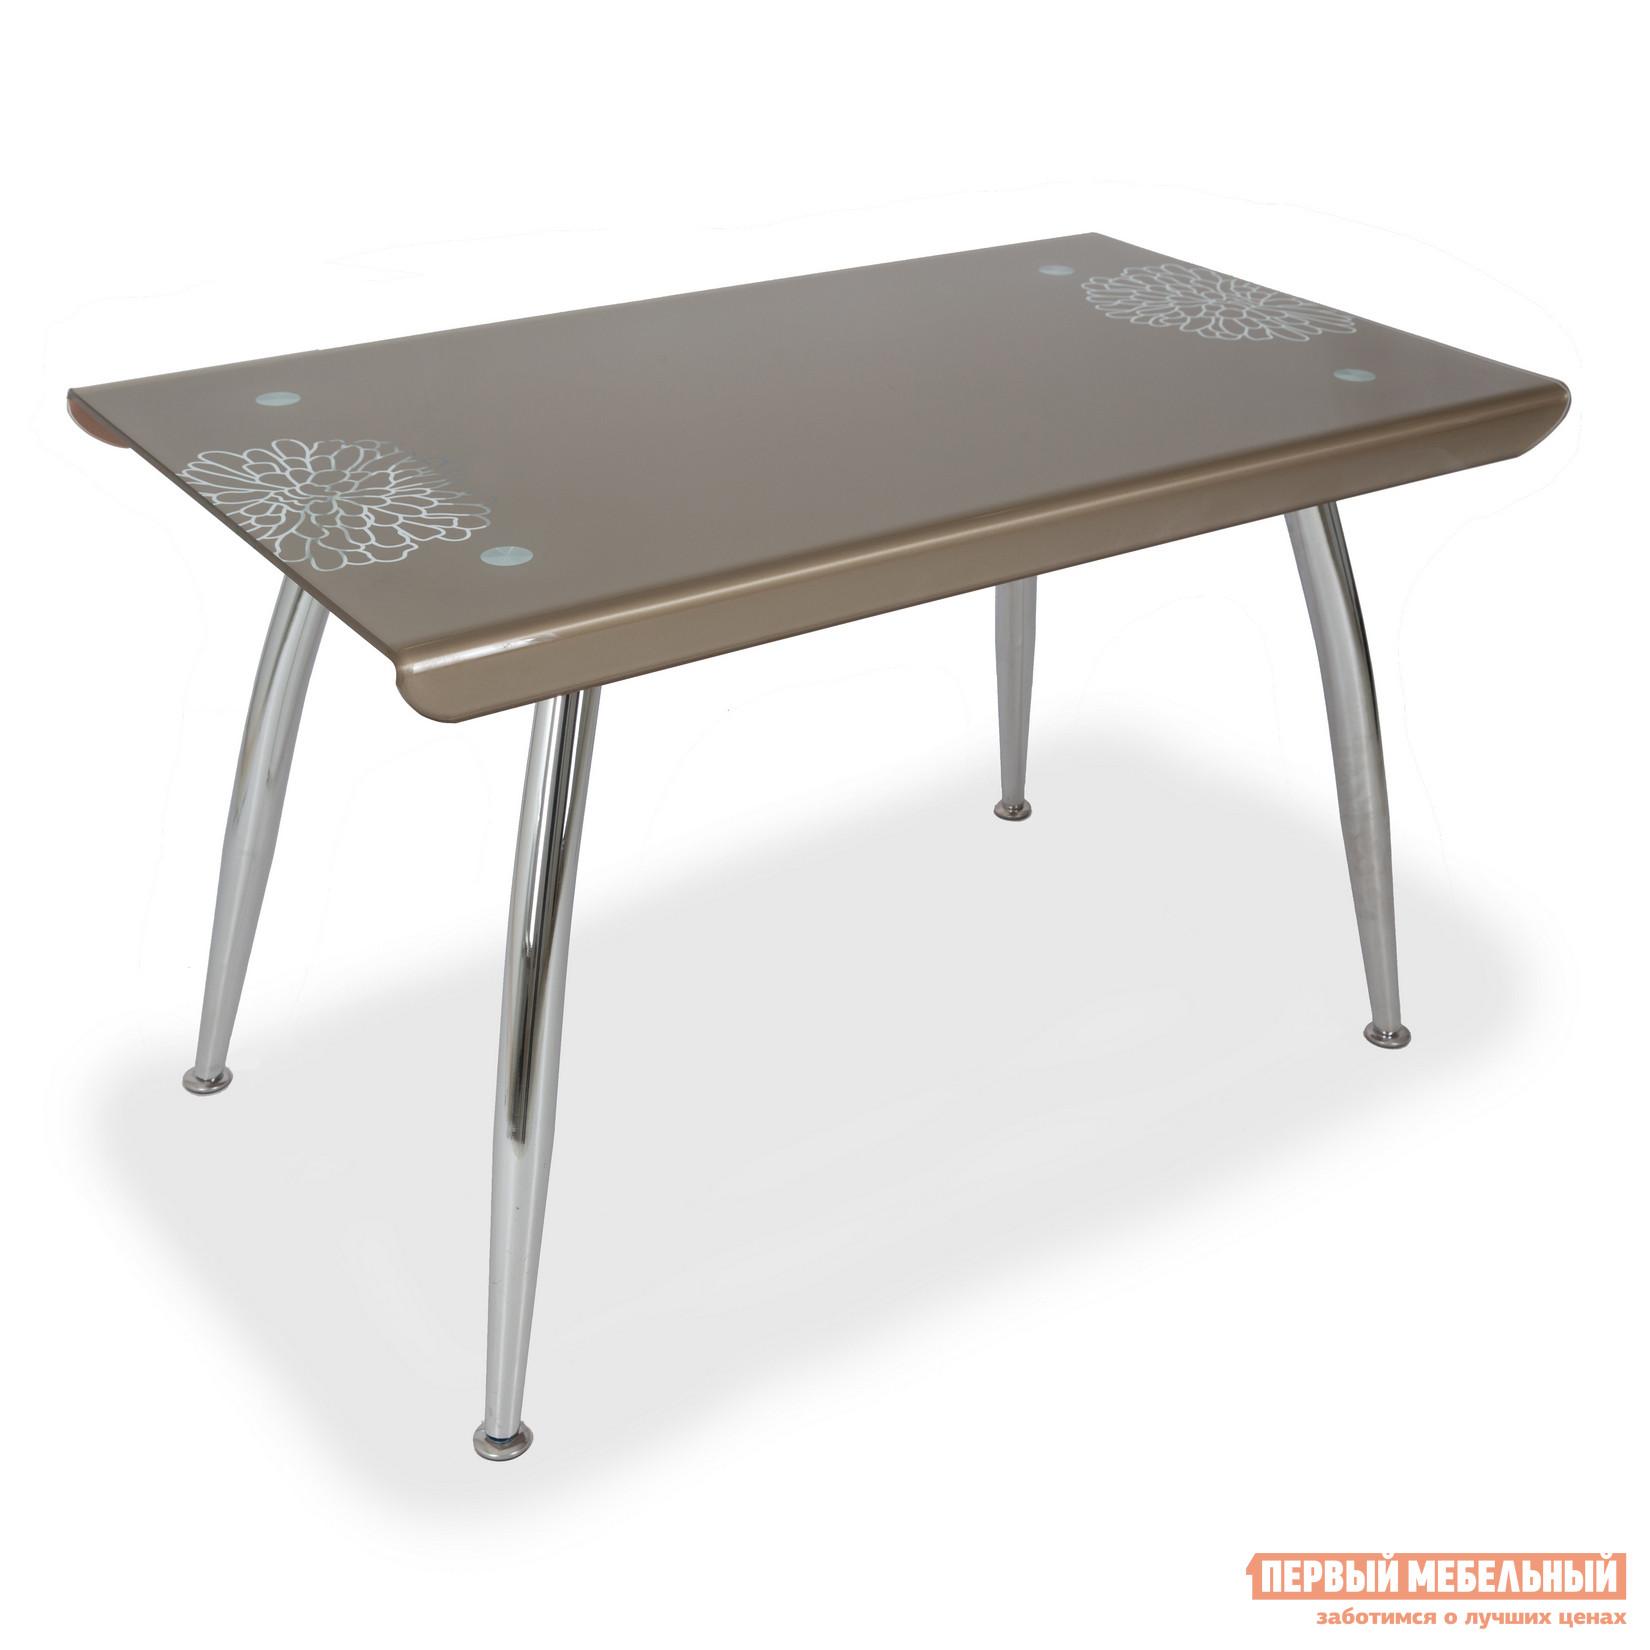 Стол обеденный металлический Бентли Трейд S57 стоимость